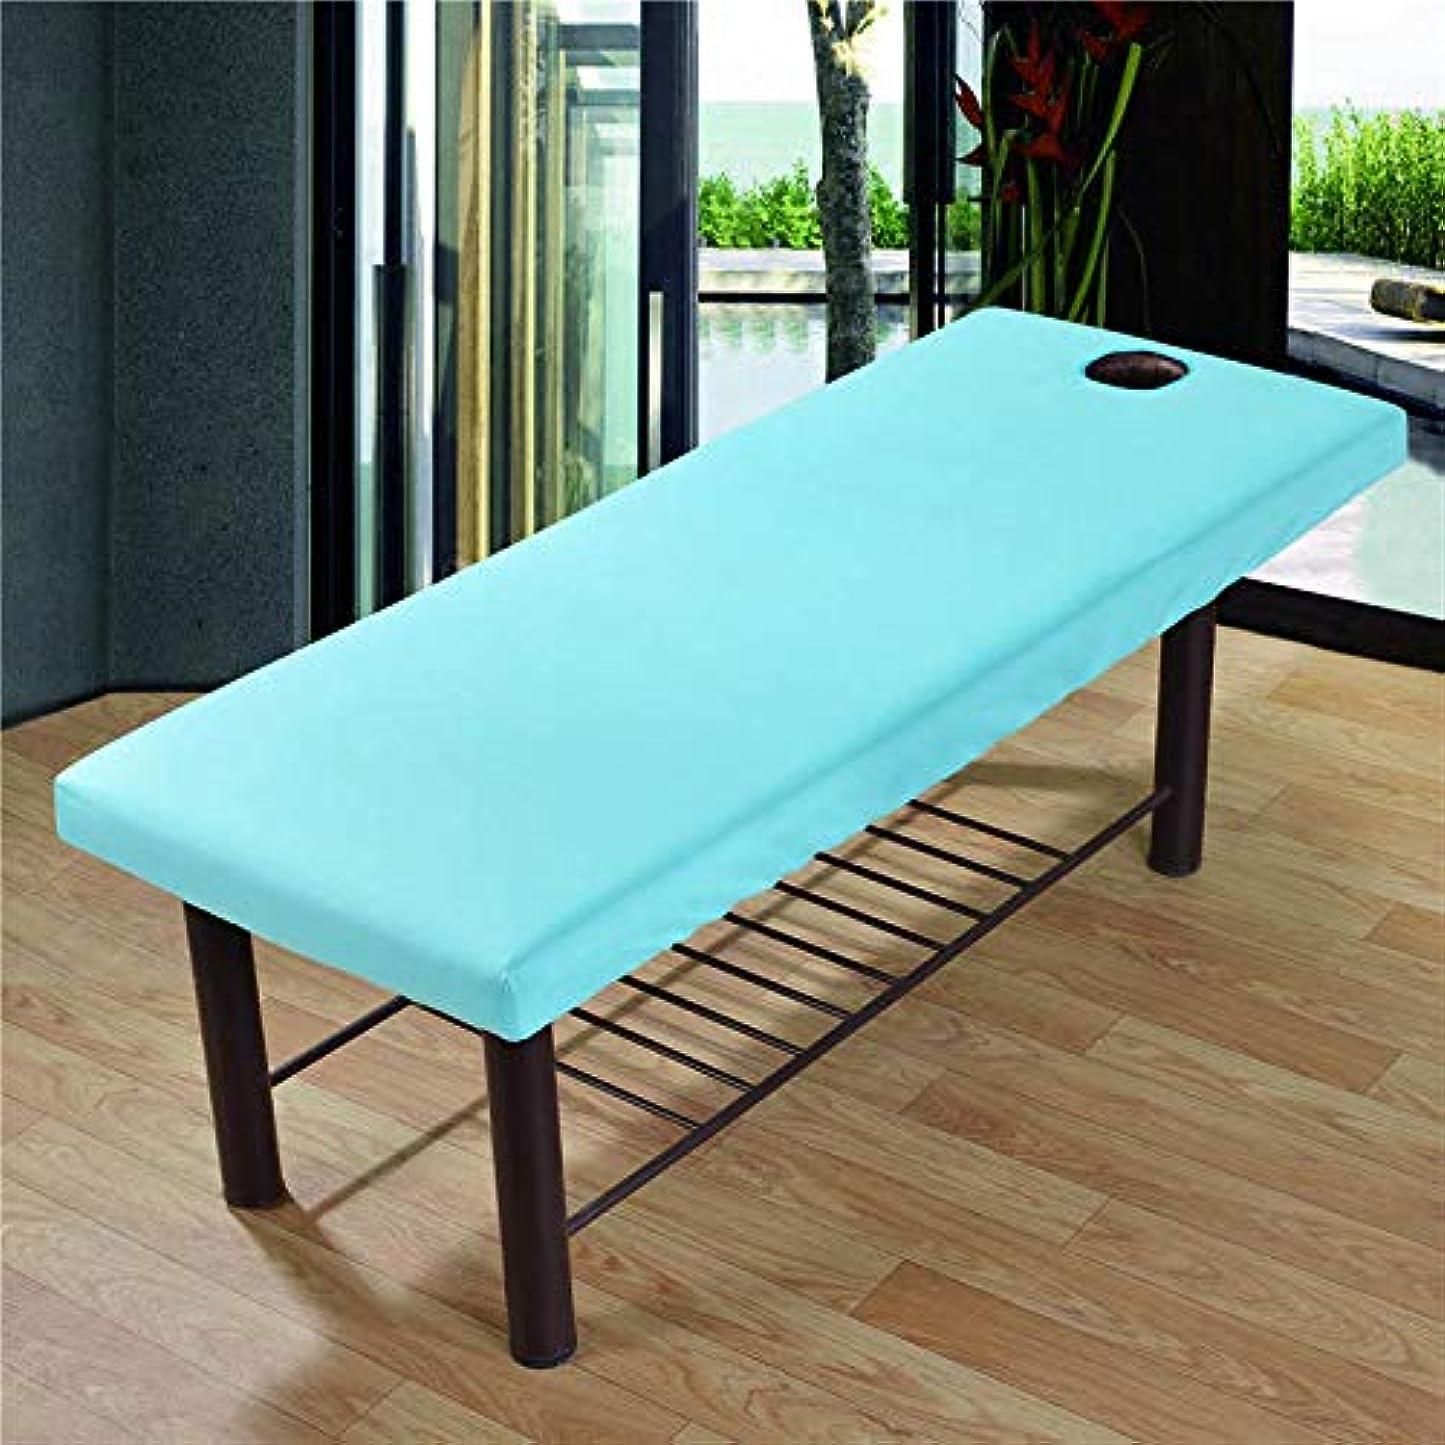 技術事業利得CoolTack  美容院のマッサージ療法のベッドのための柔らかいSoliod色の長方形のマットレス